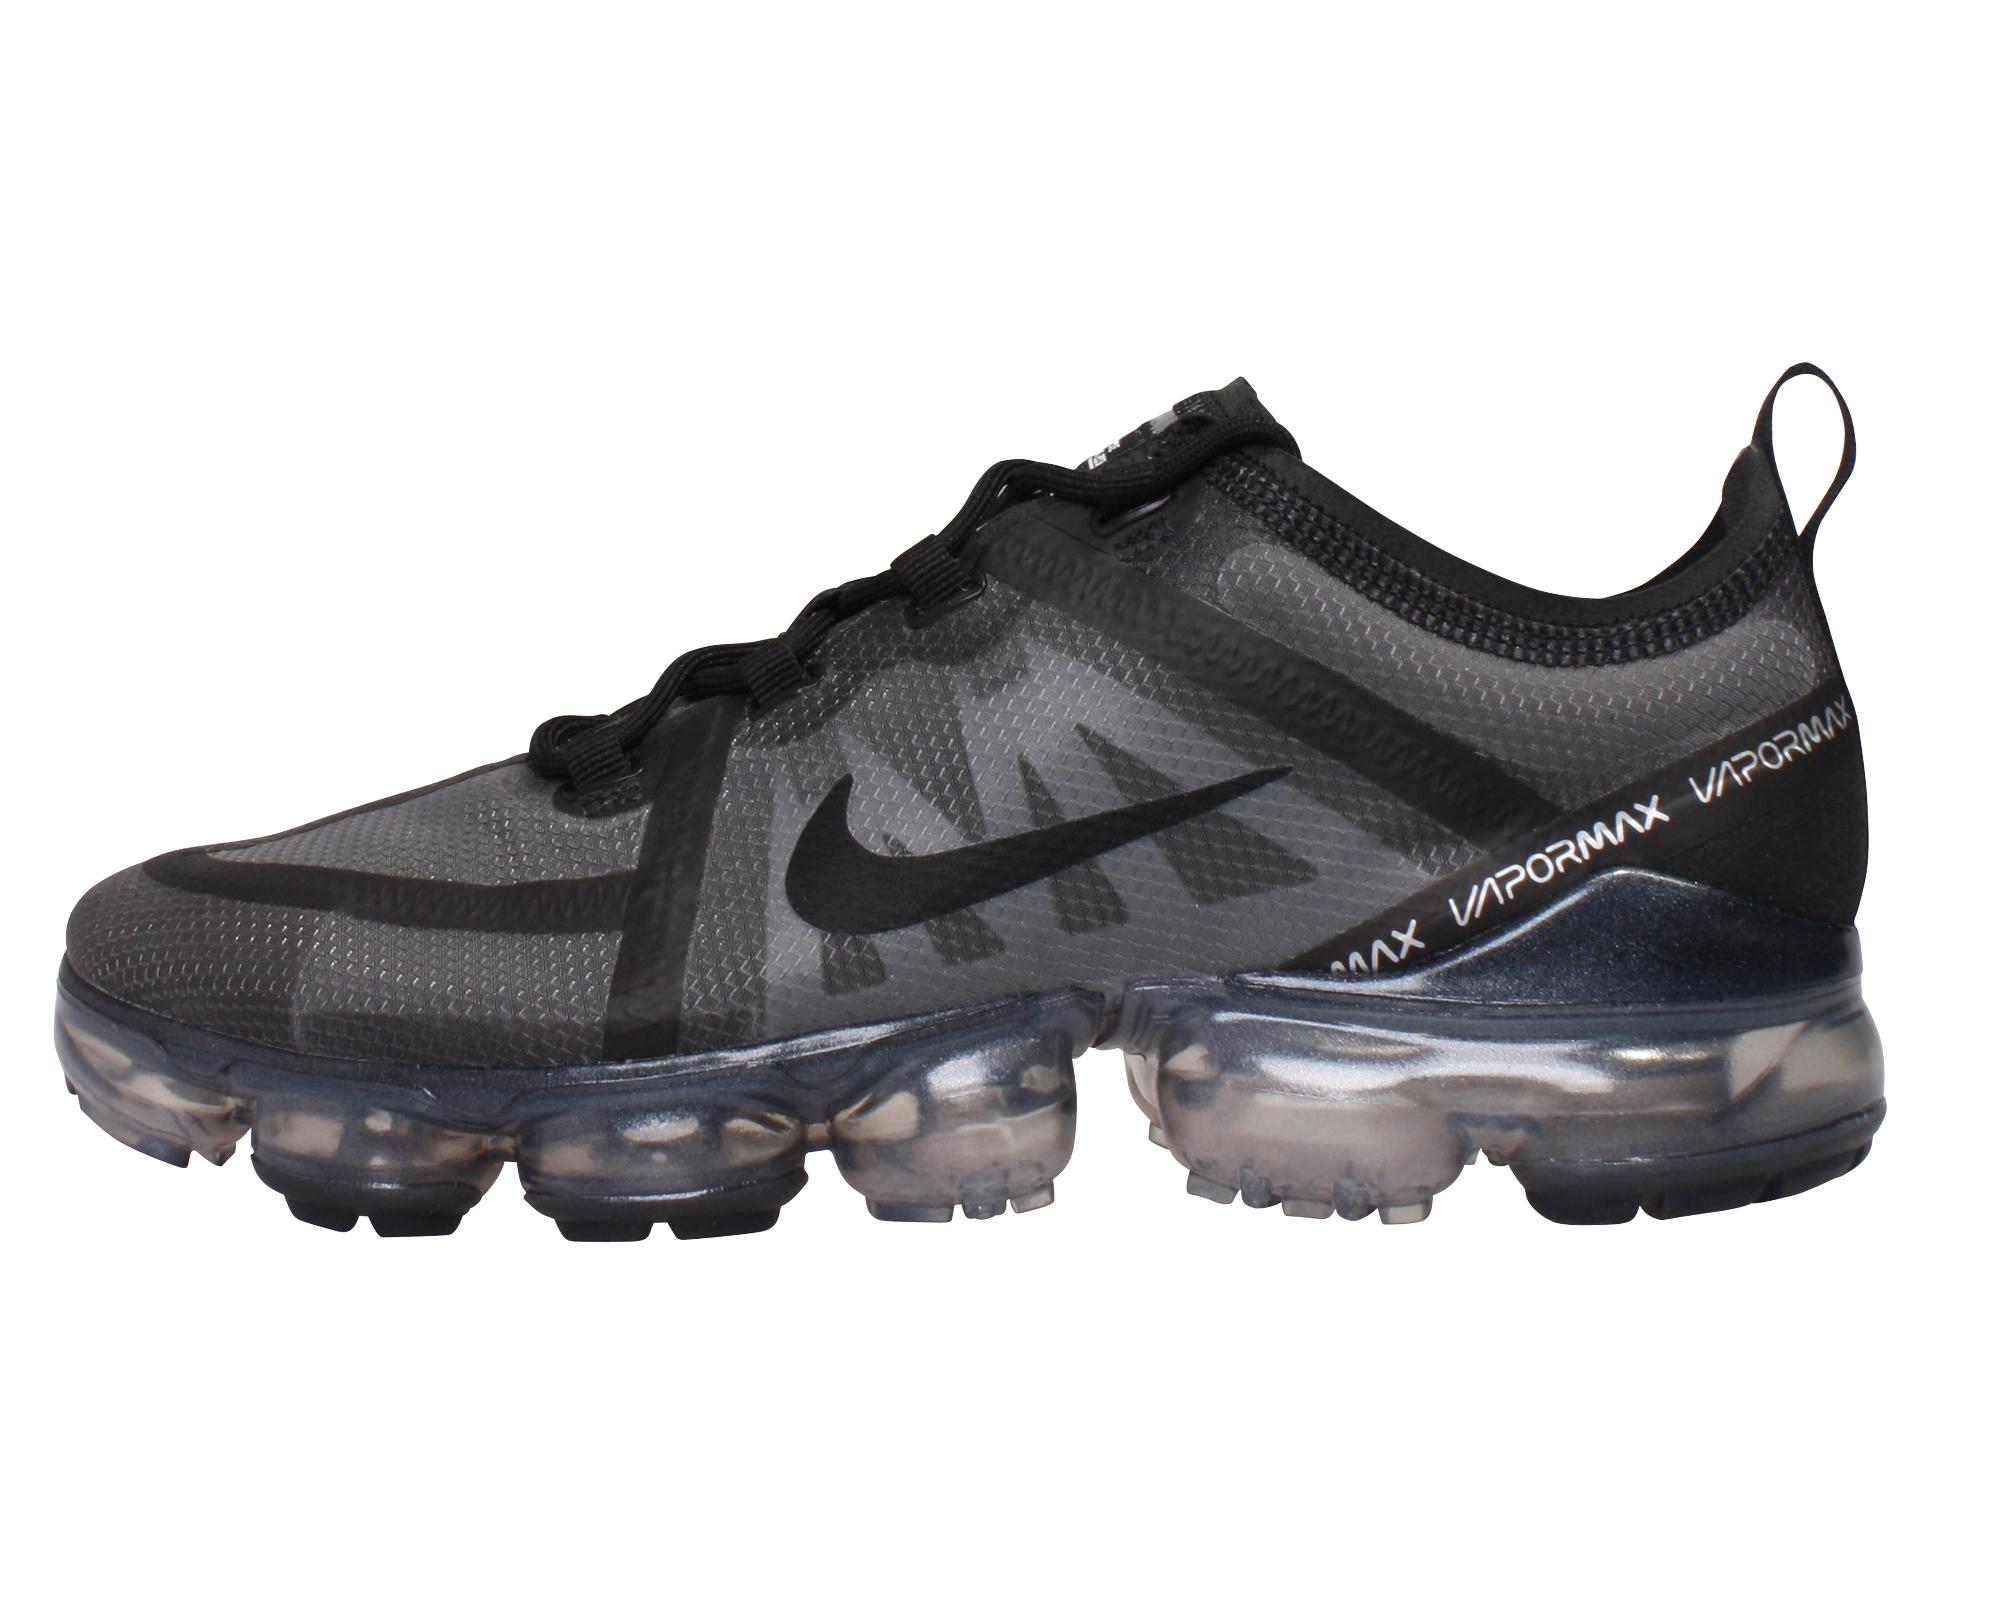 Détails sur Nike Air Vapormax 2019 Hommes Sneaker Chaussures De Course lowtops ar66331 004 Noir afficher le titre d'origine